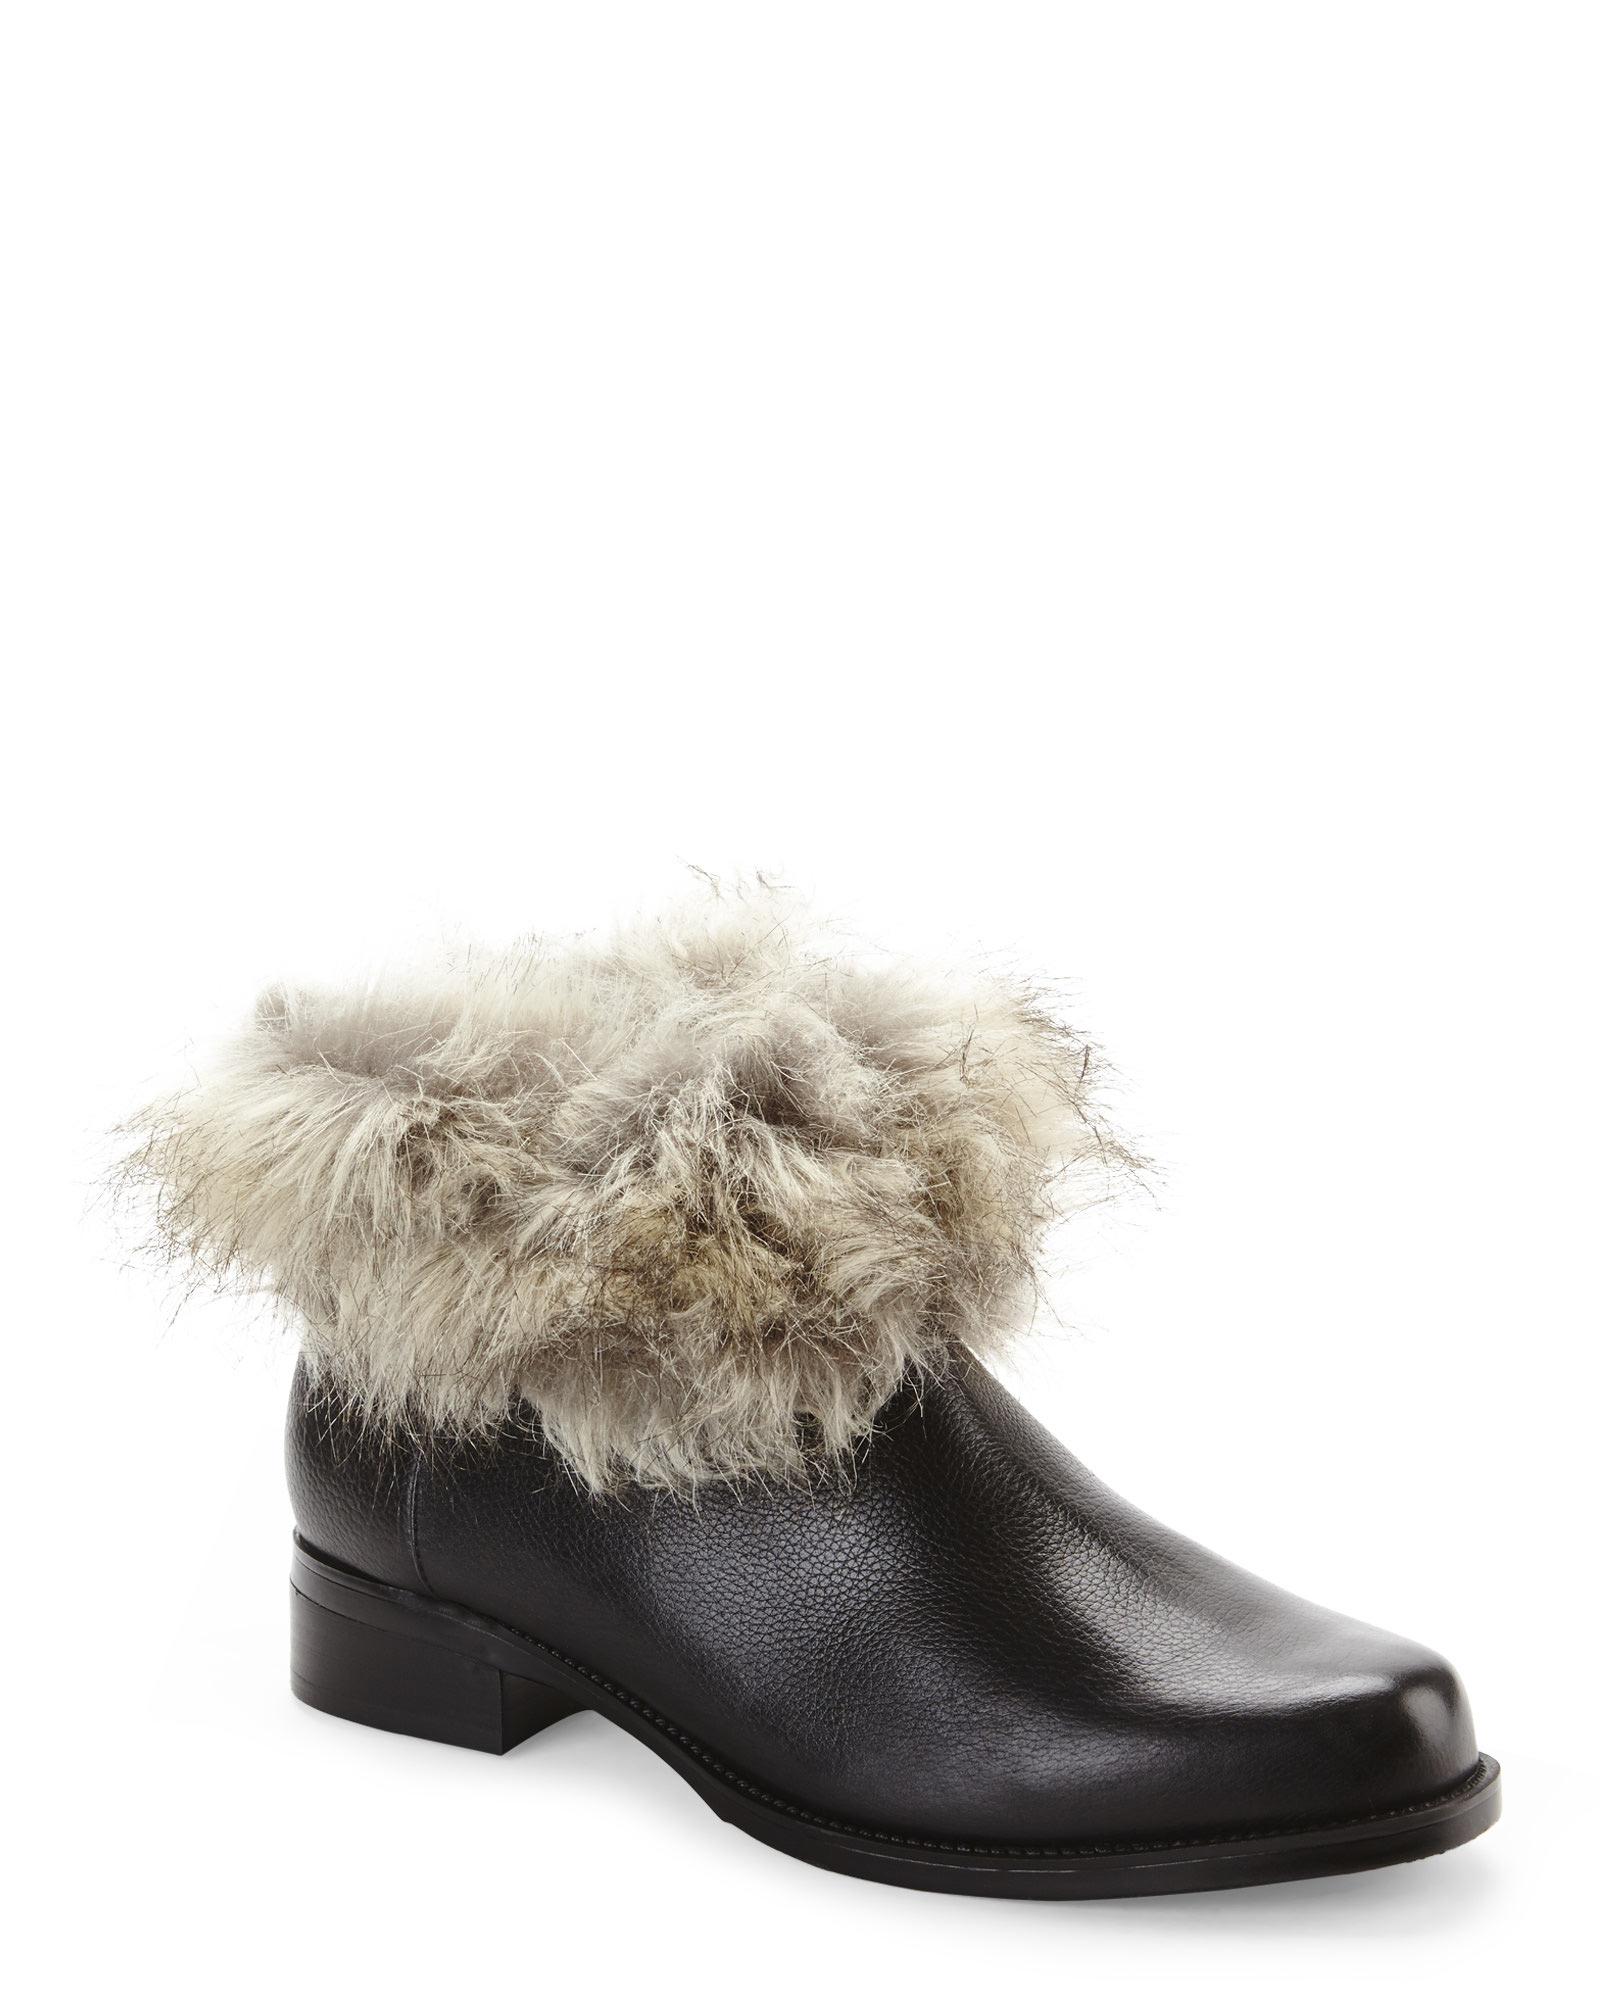 Ellen Tracy Shoes  Ellen Tracy Bear Womens Boots Black